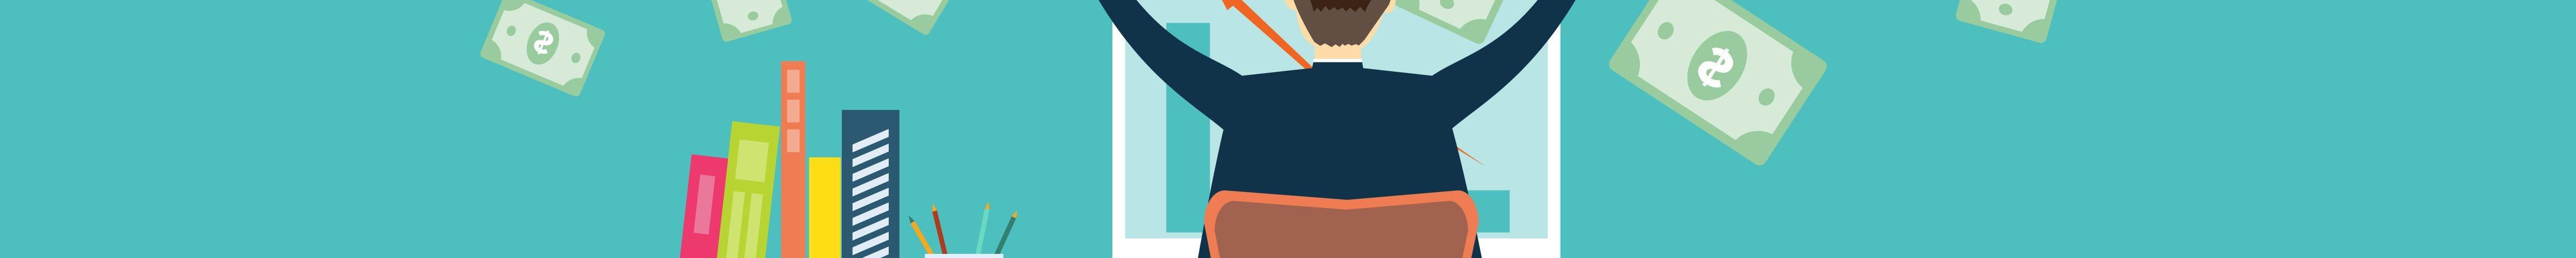 Что такое SEO продвижение и оптимизация сайтов?